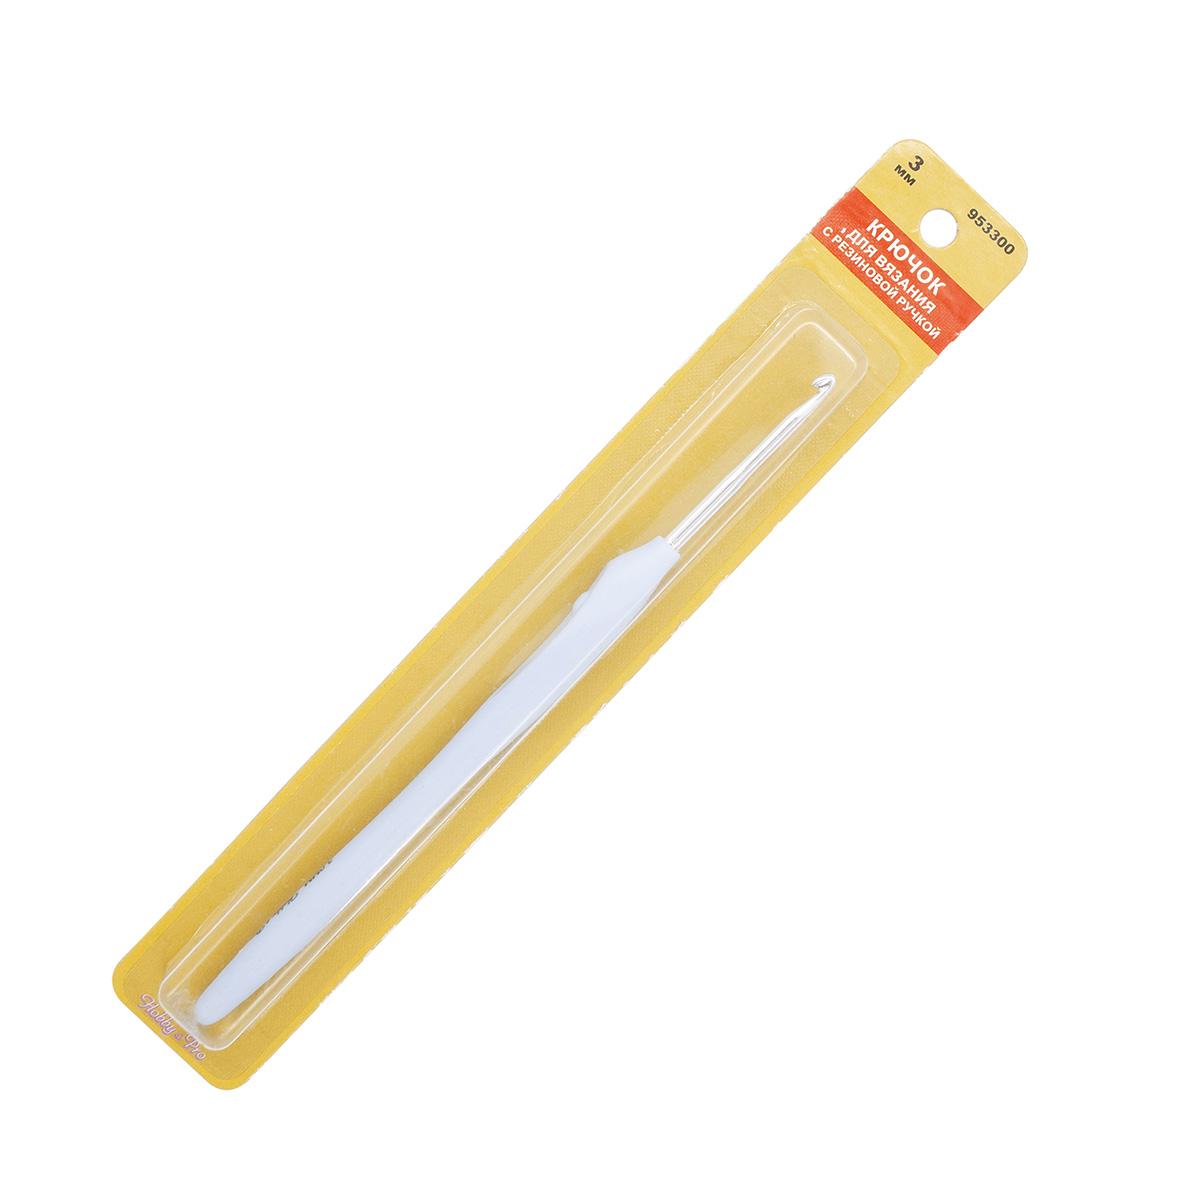 Крючок для вязания с резиновой ручкой 953300, 3 мм, Hobby&Pro